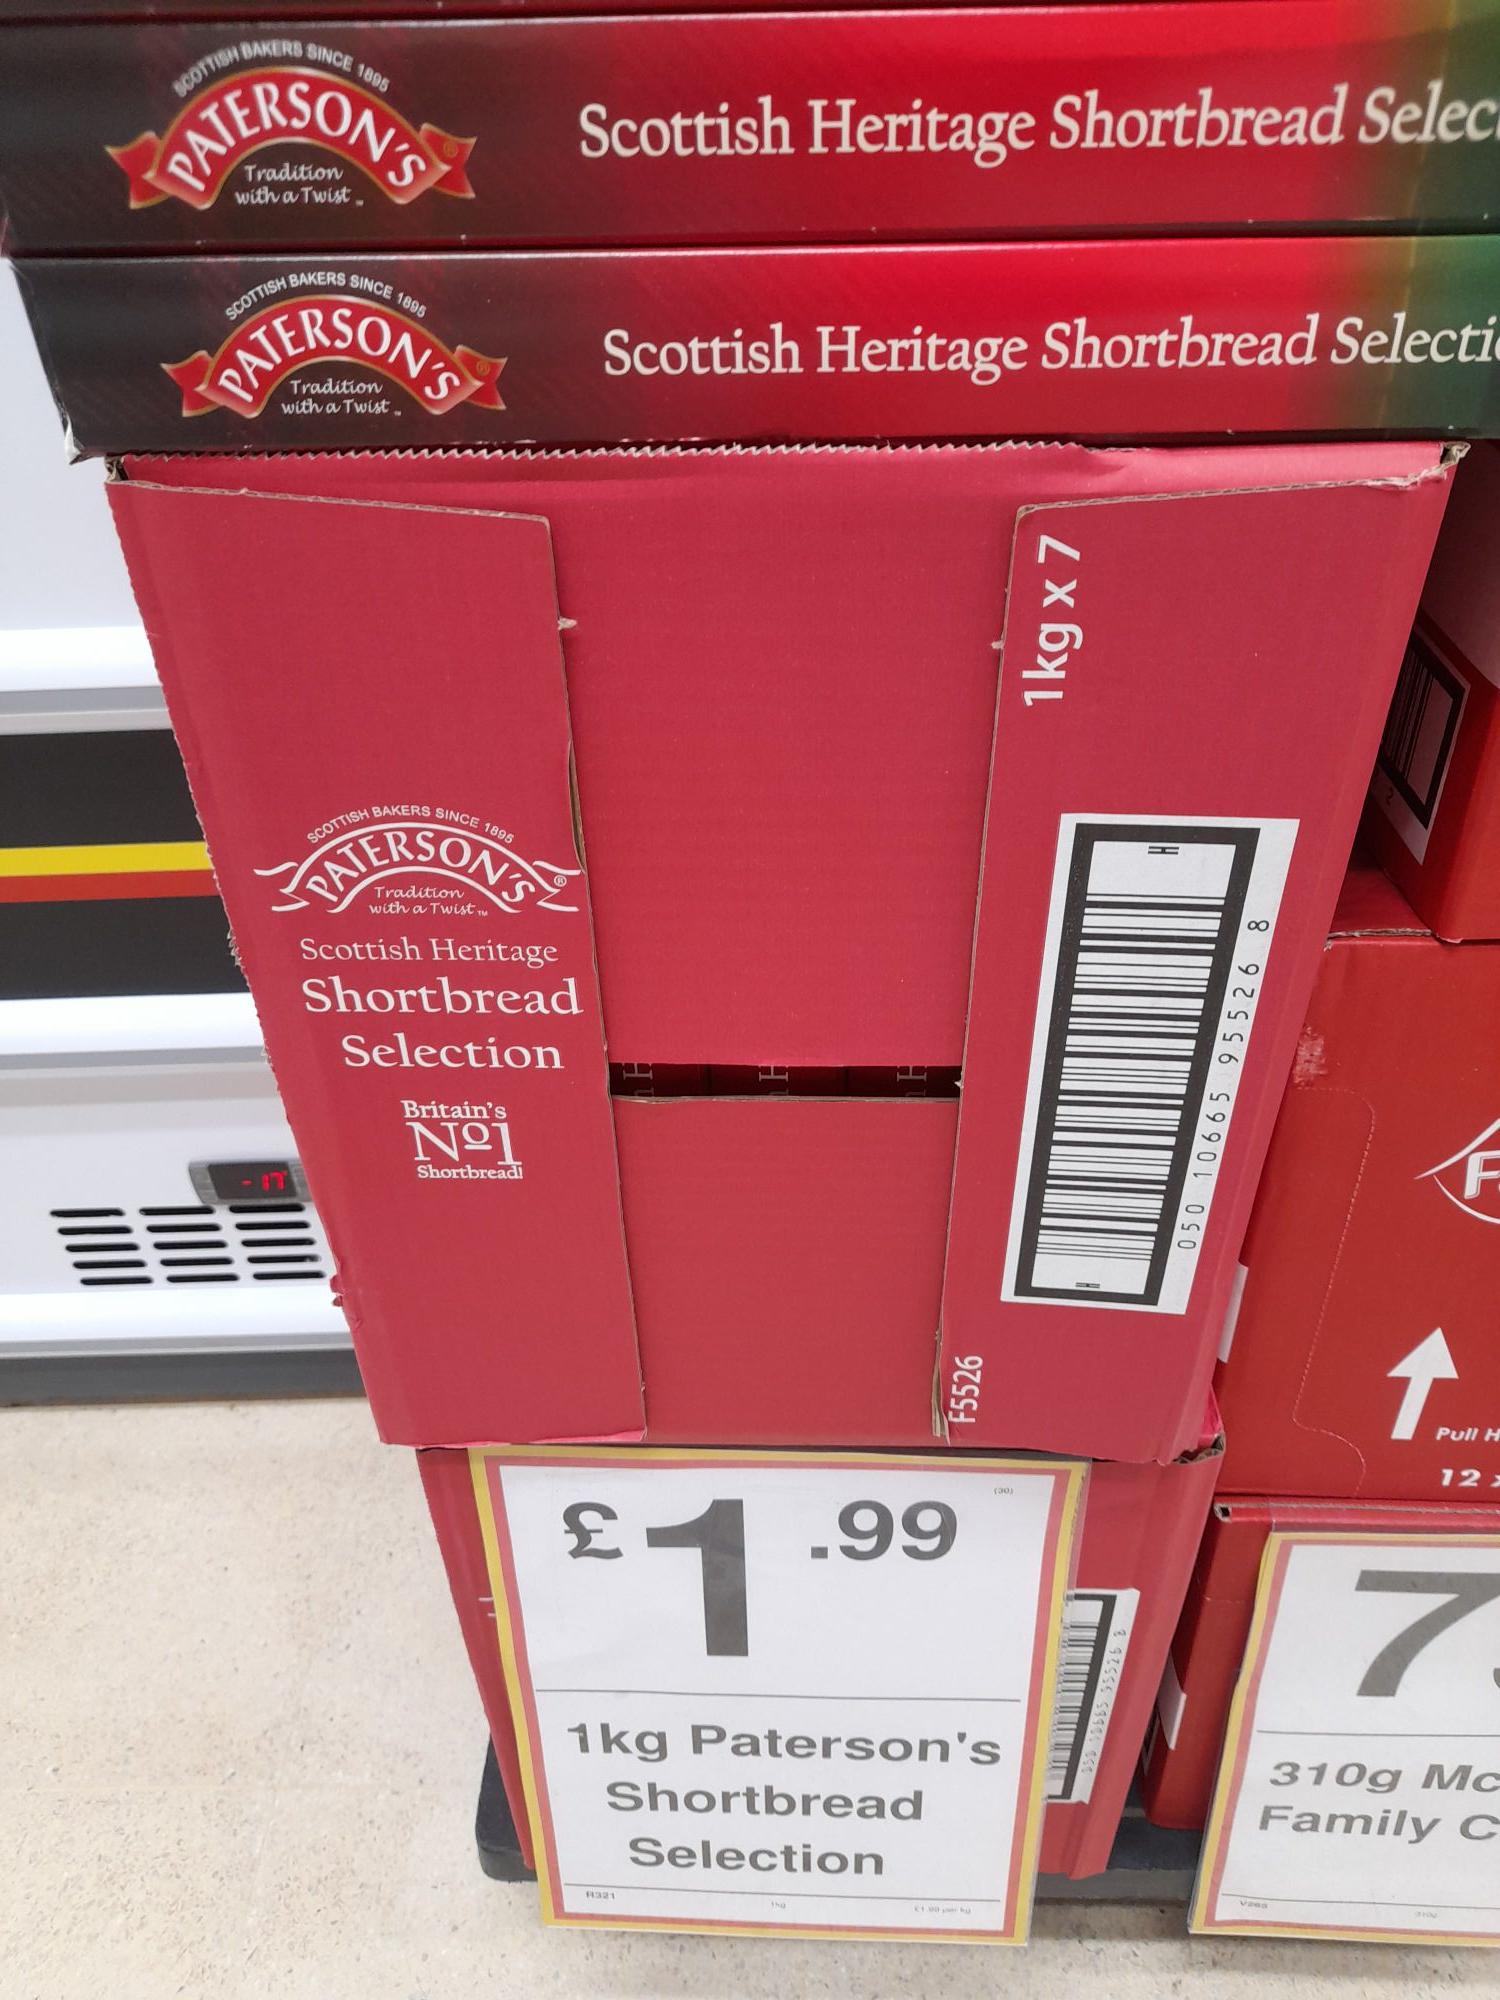 1kg Paterson's Shortbread Selection £1.99 Farmfoods, Littlehampton